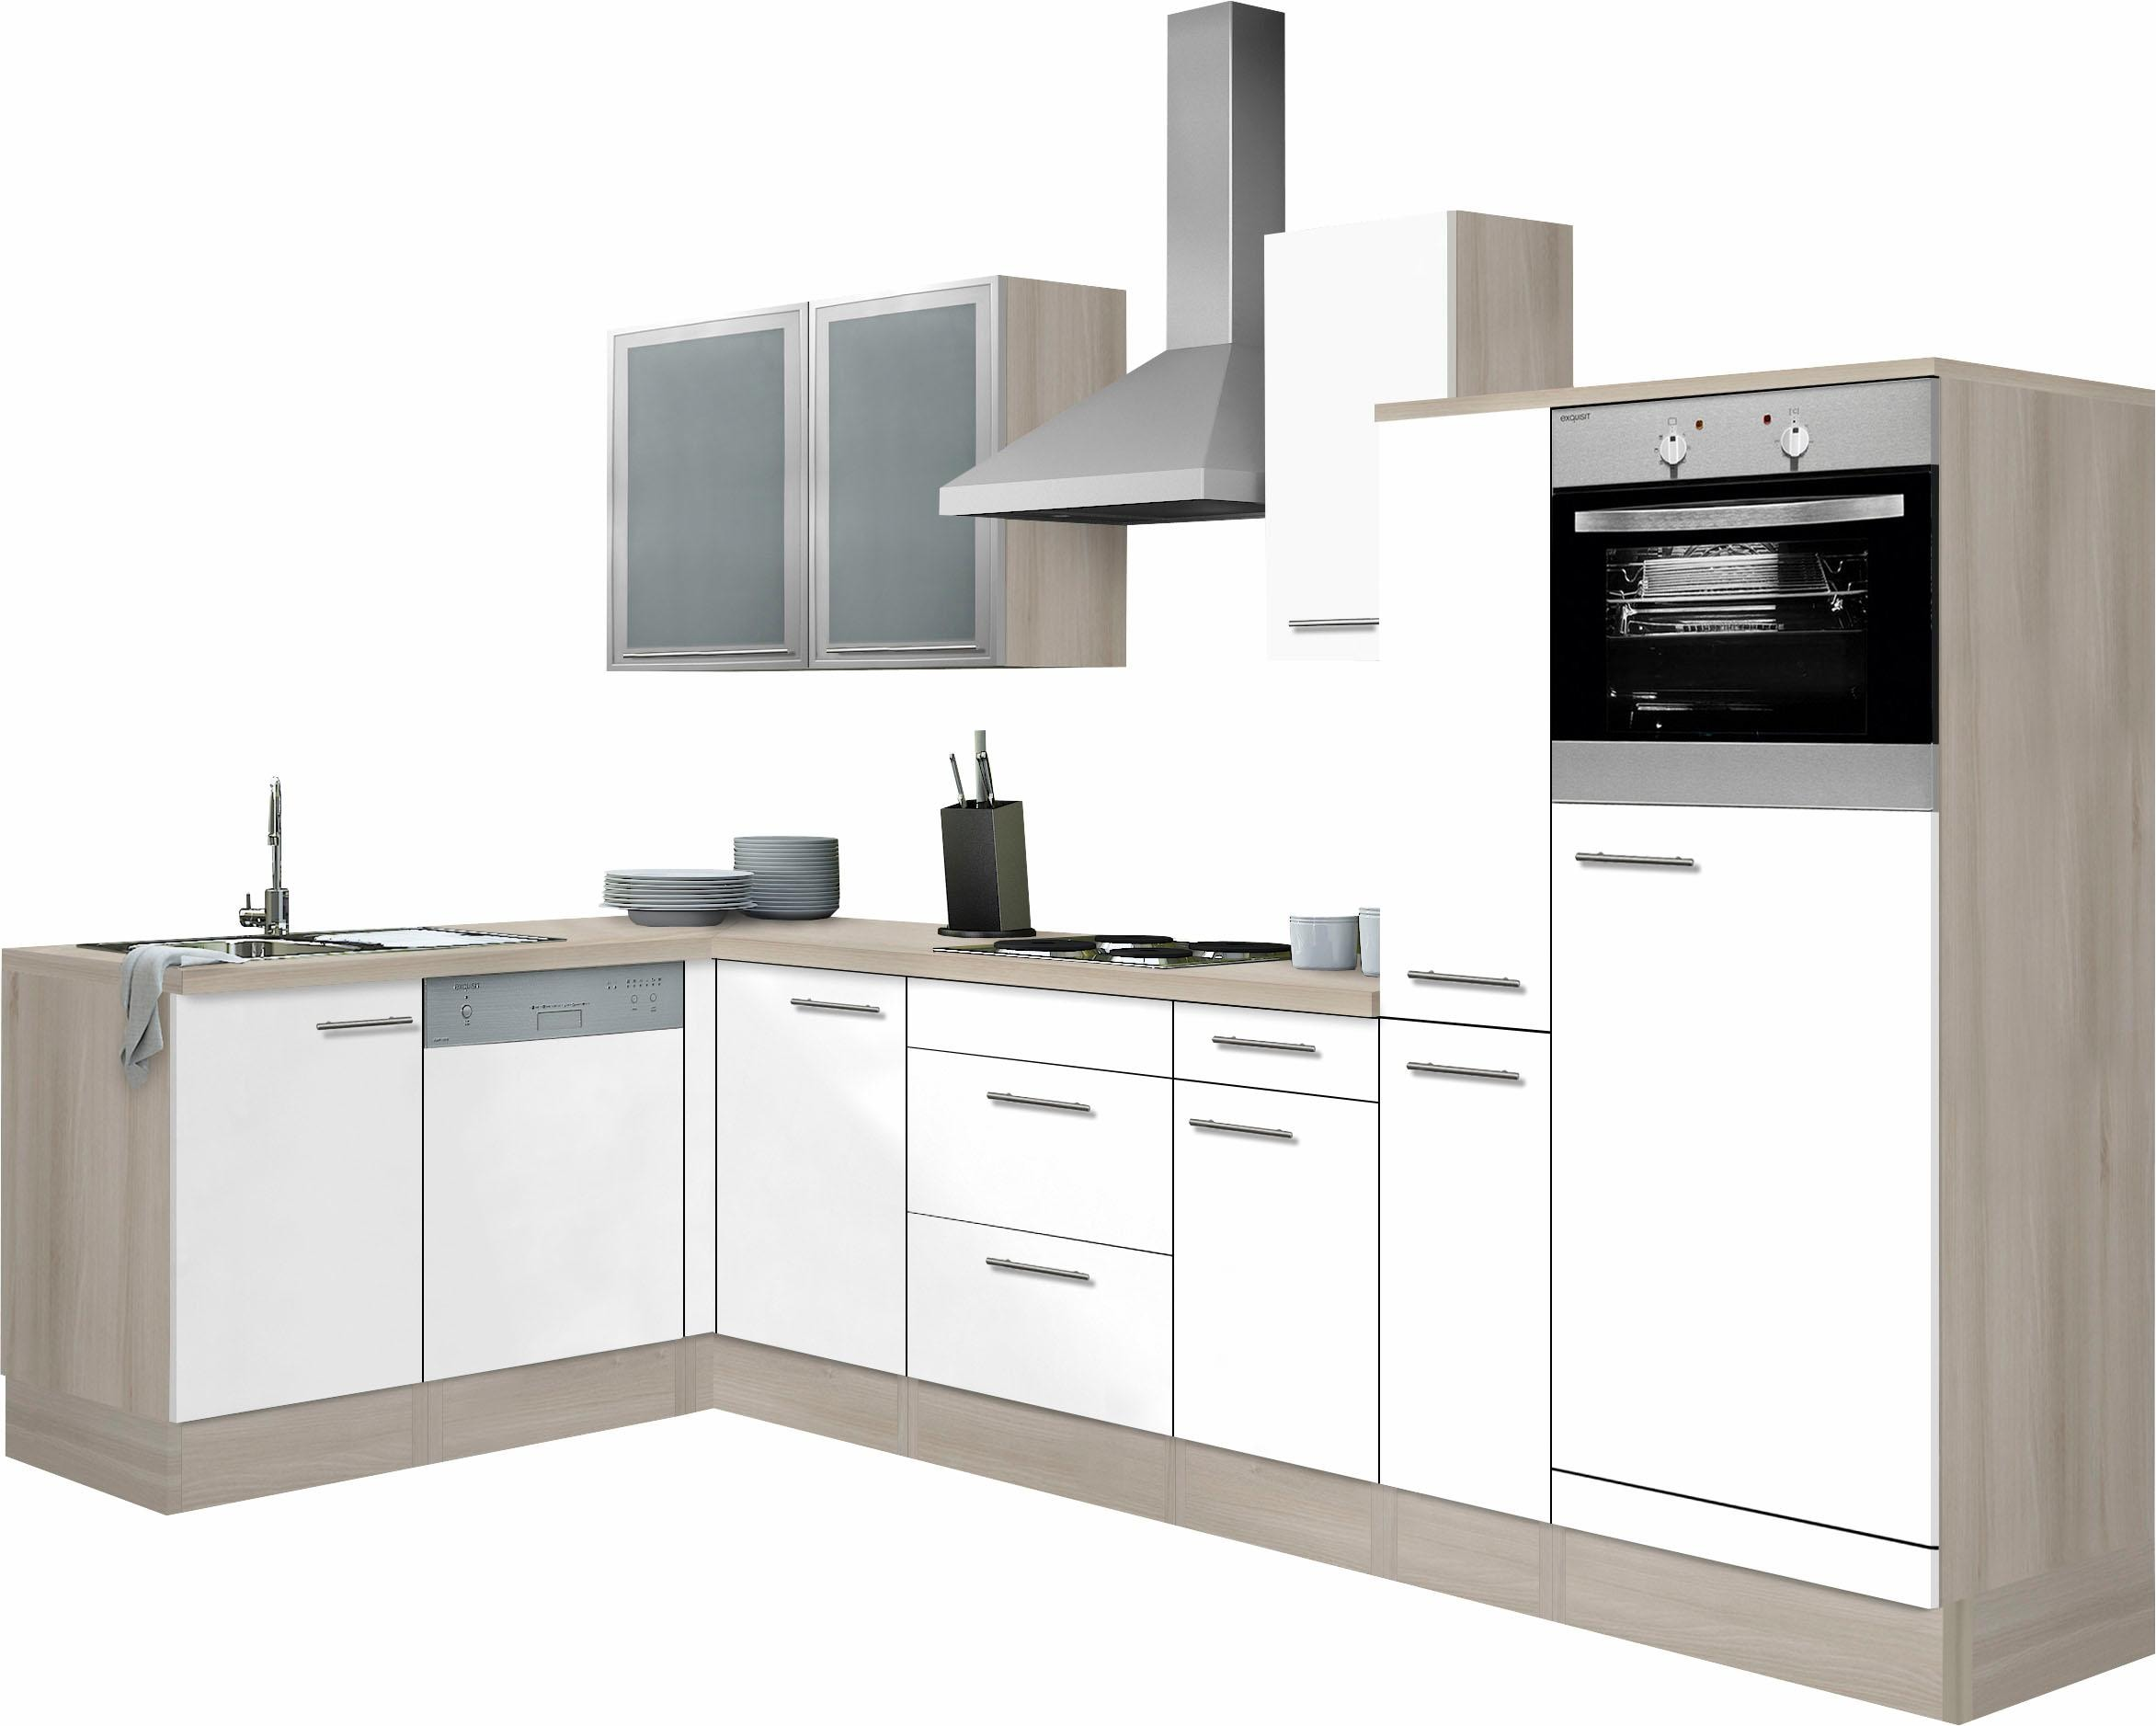 OPTIFIT Winkelküche Kalmar ohne E-Geräte Stellbreite 300 x 175 cm